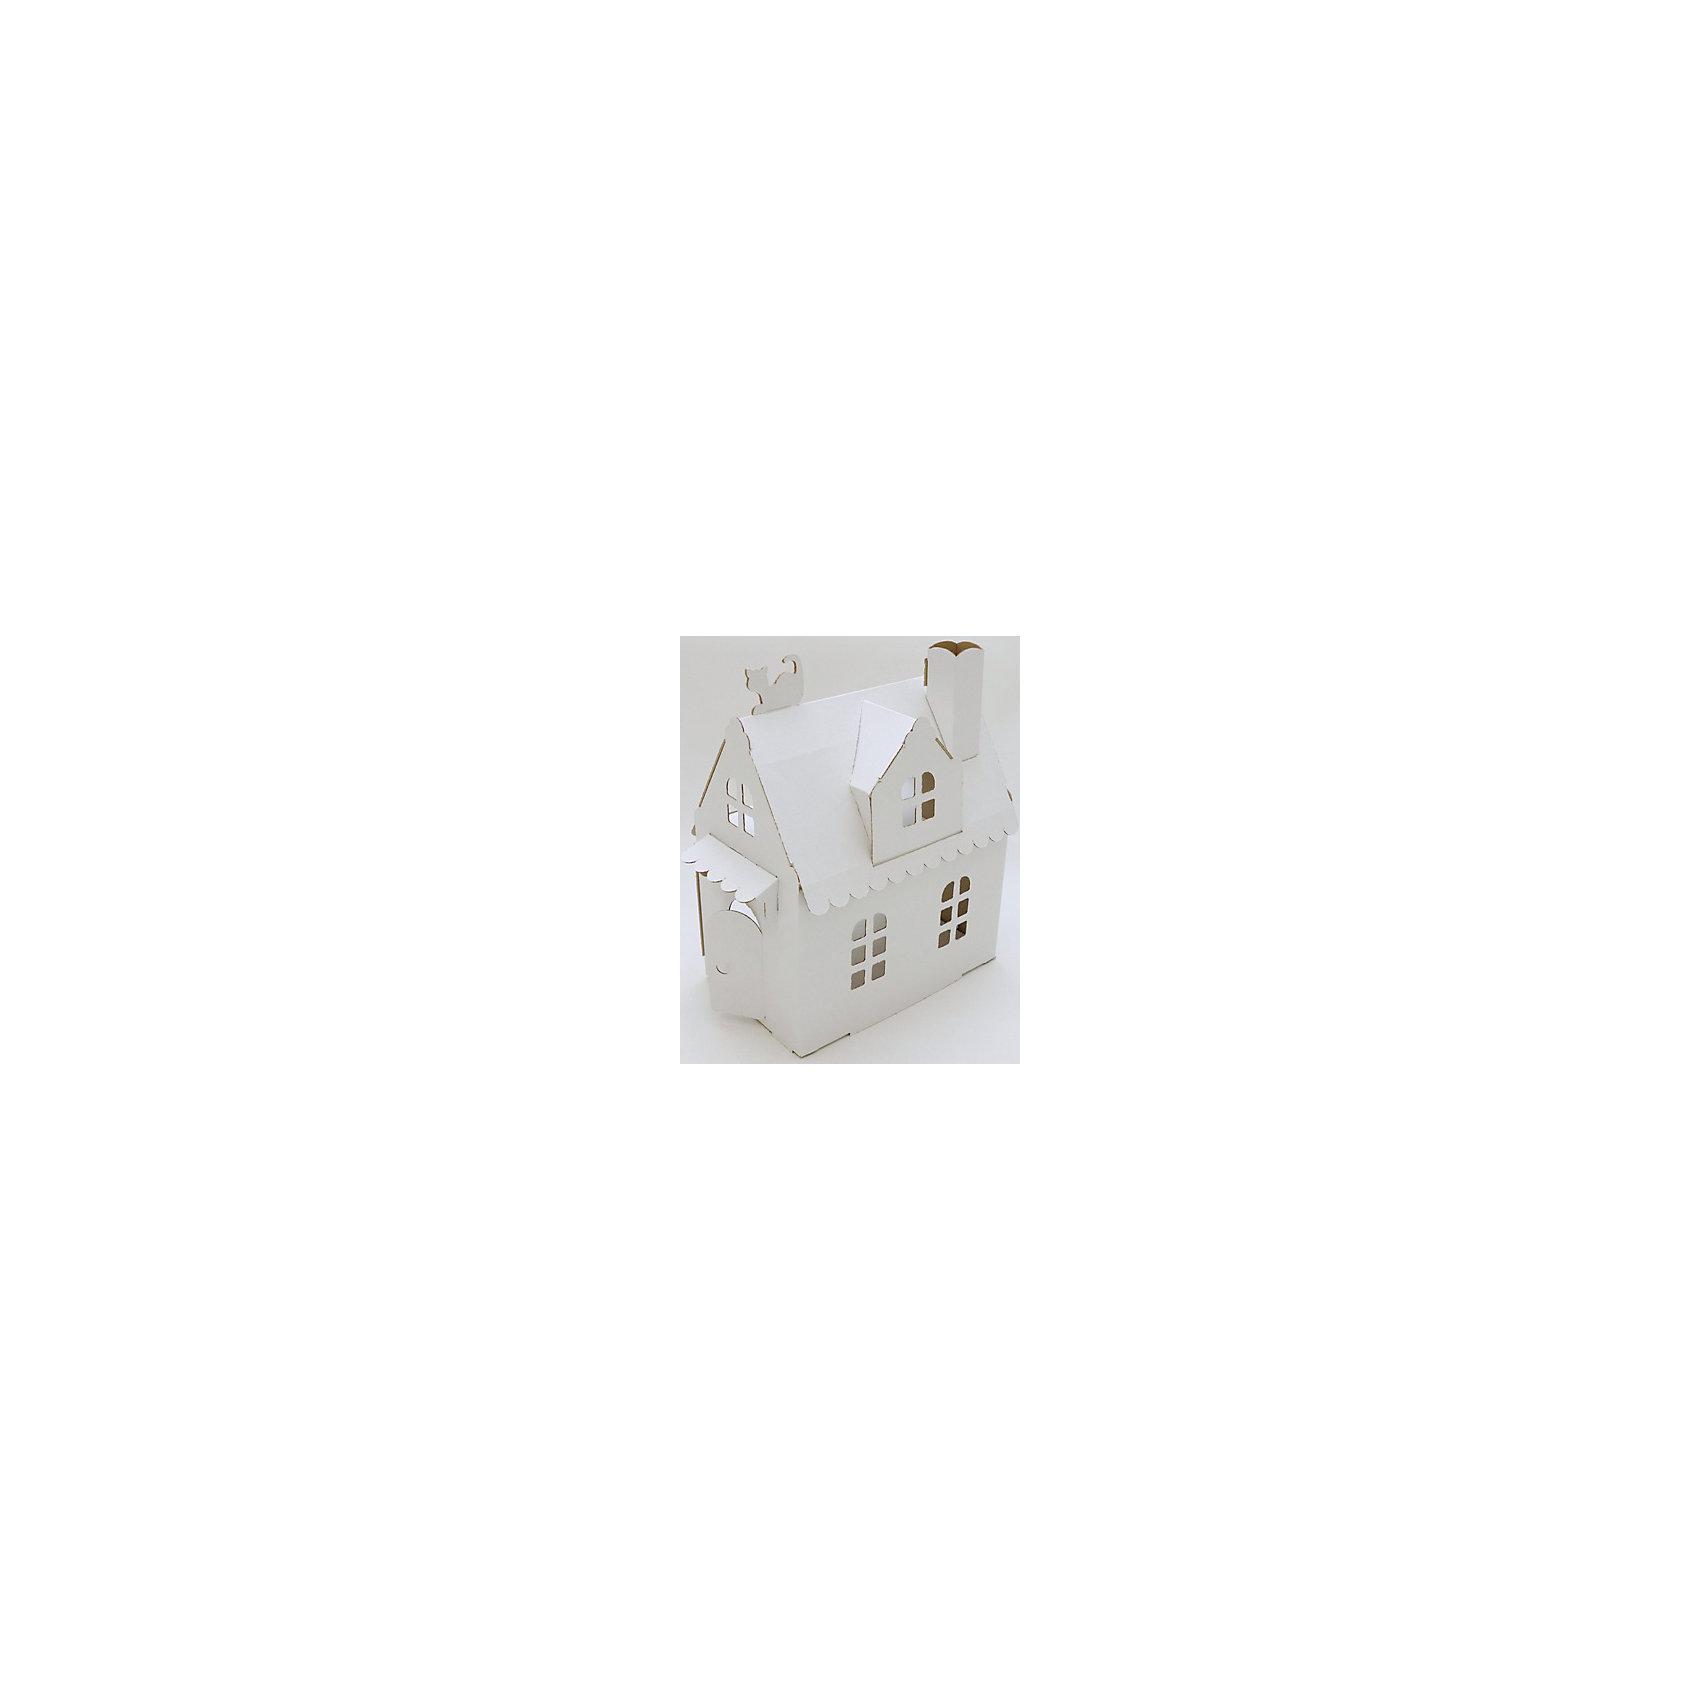 Кукольный домик из картона Домик Алисы, белыйБренды конструкторов<br>Характеристики:<br><br>• тип домика: кукольный домик из картона;<br>• особенности домика: открываются окна и двери;<br>• материал: 3-х слойный гофрокартон, толщина 3 мм;<br>• комплектация: детали для сборки домика, нейлоновые крепления;<br>• размер домика: 29х29х16 см;<br>• размер упаковки: 32х23х3 см;<br>• вес: 1,8 кг.<br><br>Картонный домик быстро собирается и разбирается, для сборки не используется клей, детали соединяются с помощью нейлоновых креплений. Кукольный домик компактный, не занимает много места, предназначен для мелких игрушечных зверушек или куколок. Домик белого цвета, его можно раскрасить акриловыми или акварельными красками, можно использовать гуашь, фломастеры или карандаши. Игра обогащает детское воображение и фантазию, помогает развить речь и логику.<br><br>Кукольный домик из картона Домик Алисы, белый можно купить в нашем магазине.<br><br>Ширина мм: 300<br>Глубина мм: 220<br>Высота мм: 30<br>Вес г: 300<br>Возраст от месяцев: 36<br>Возраст до месяцев: 2147483647<br>Пол: Женский<br>Возраст: Детский<br>SKU: 5253043